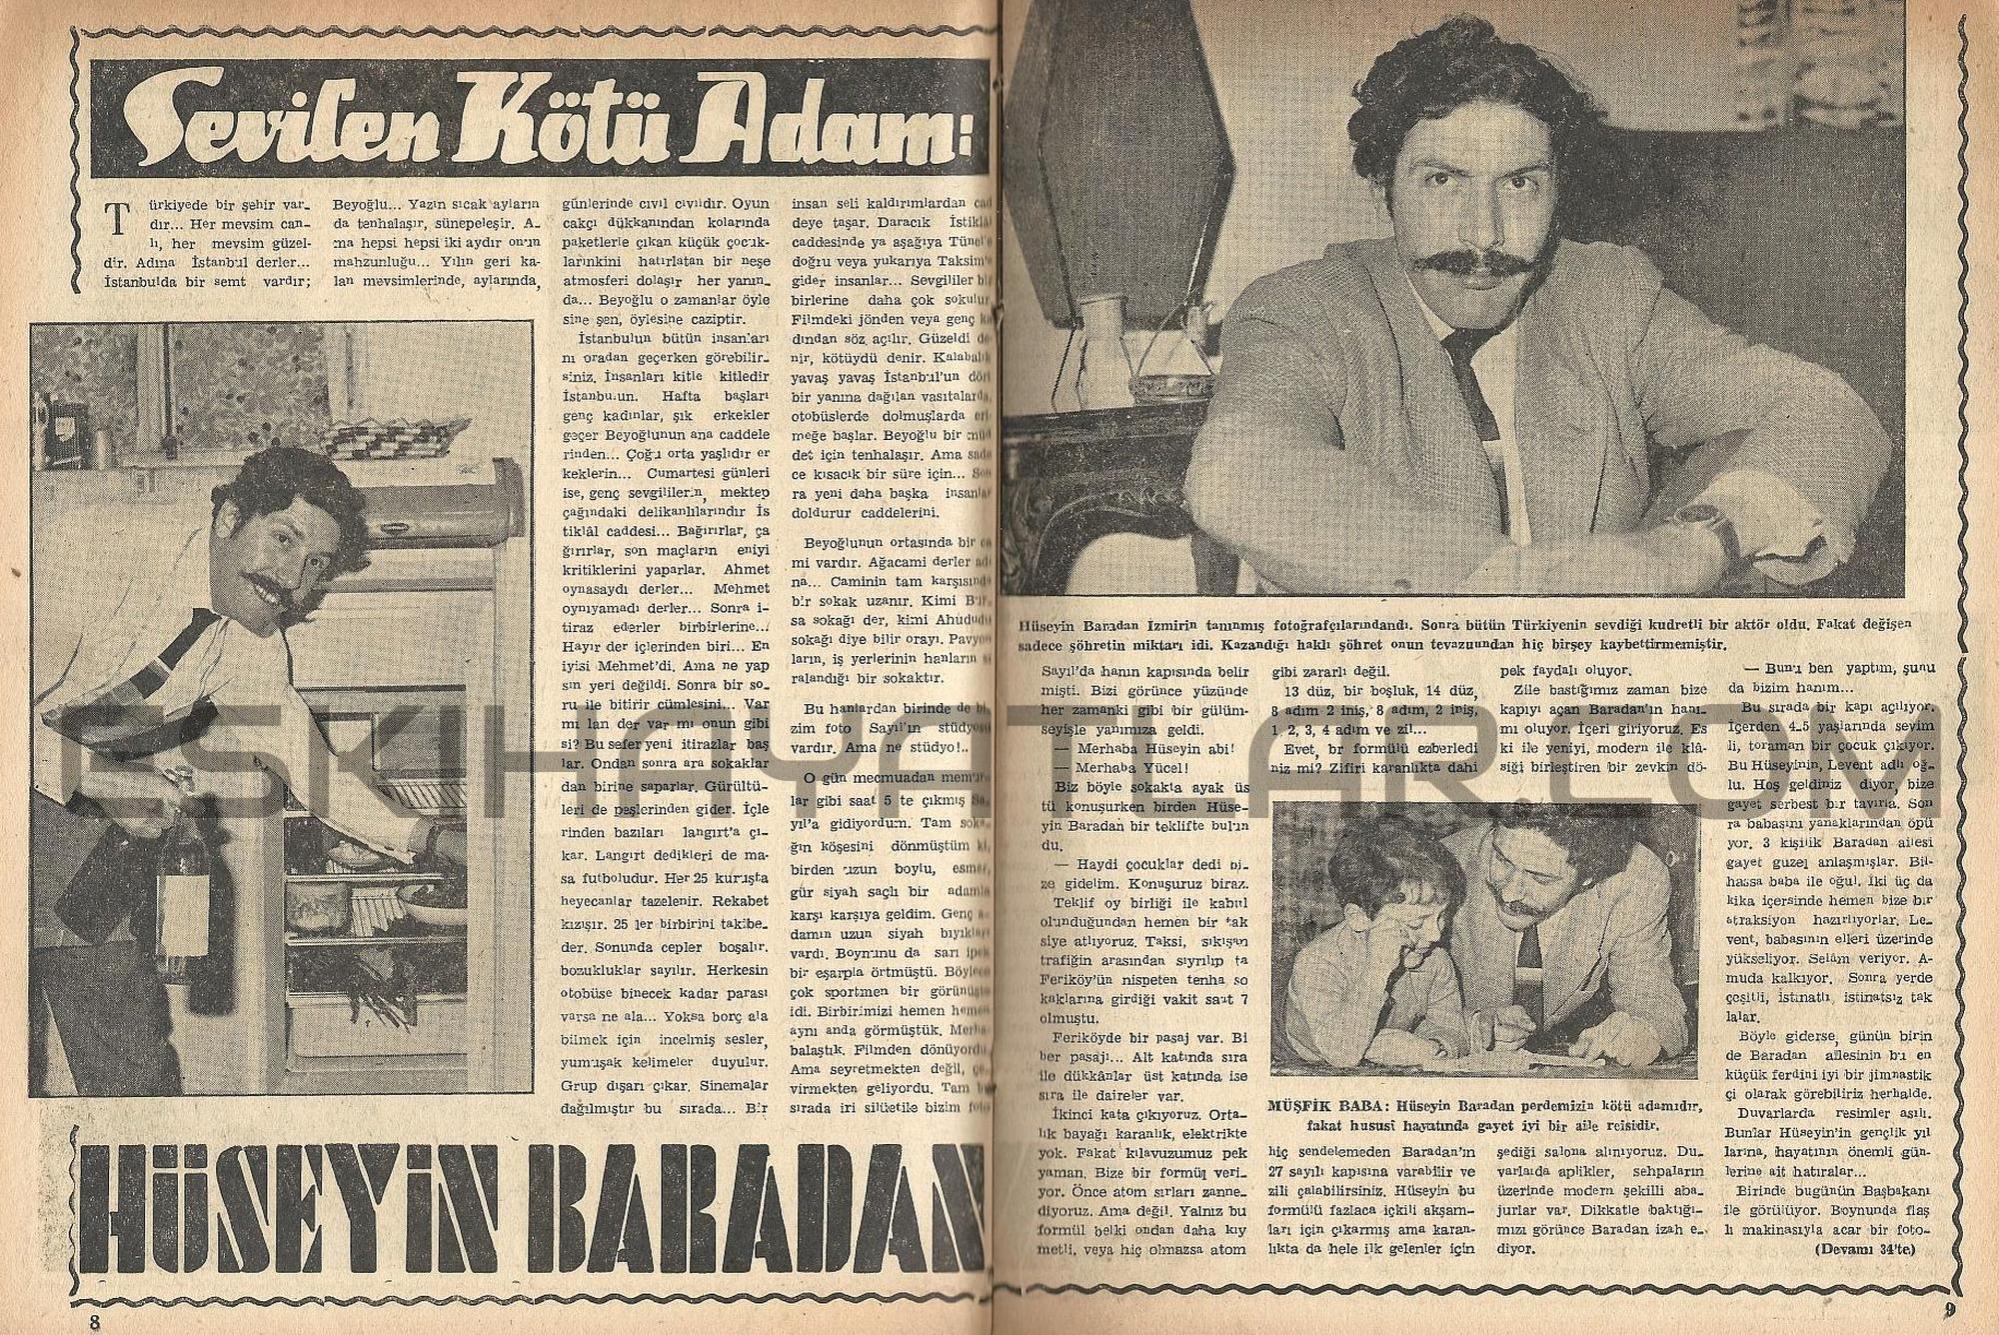 yesilcam-artistleri-huseyin-baradan-1963-artist-dergisi (1)